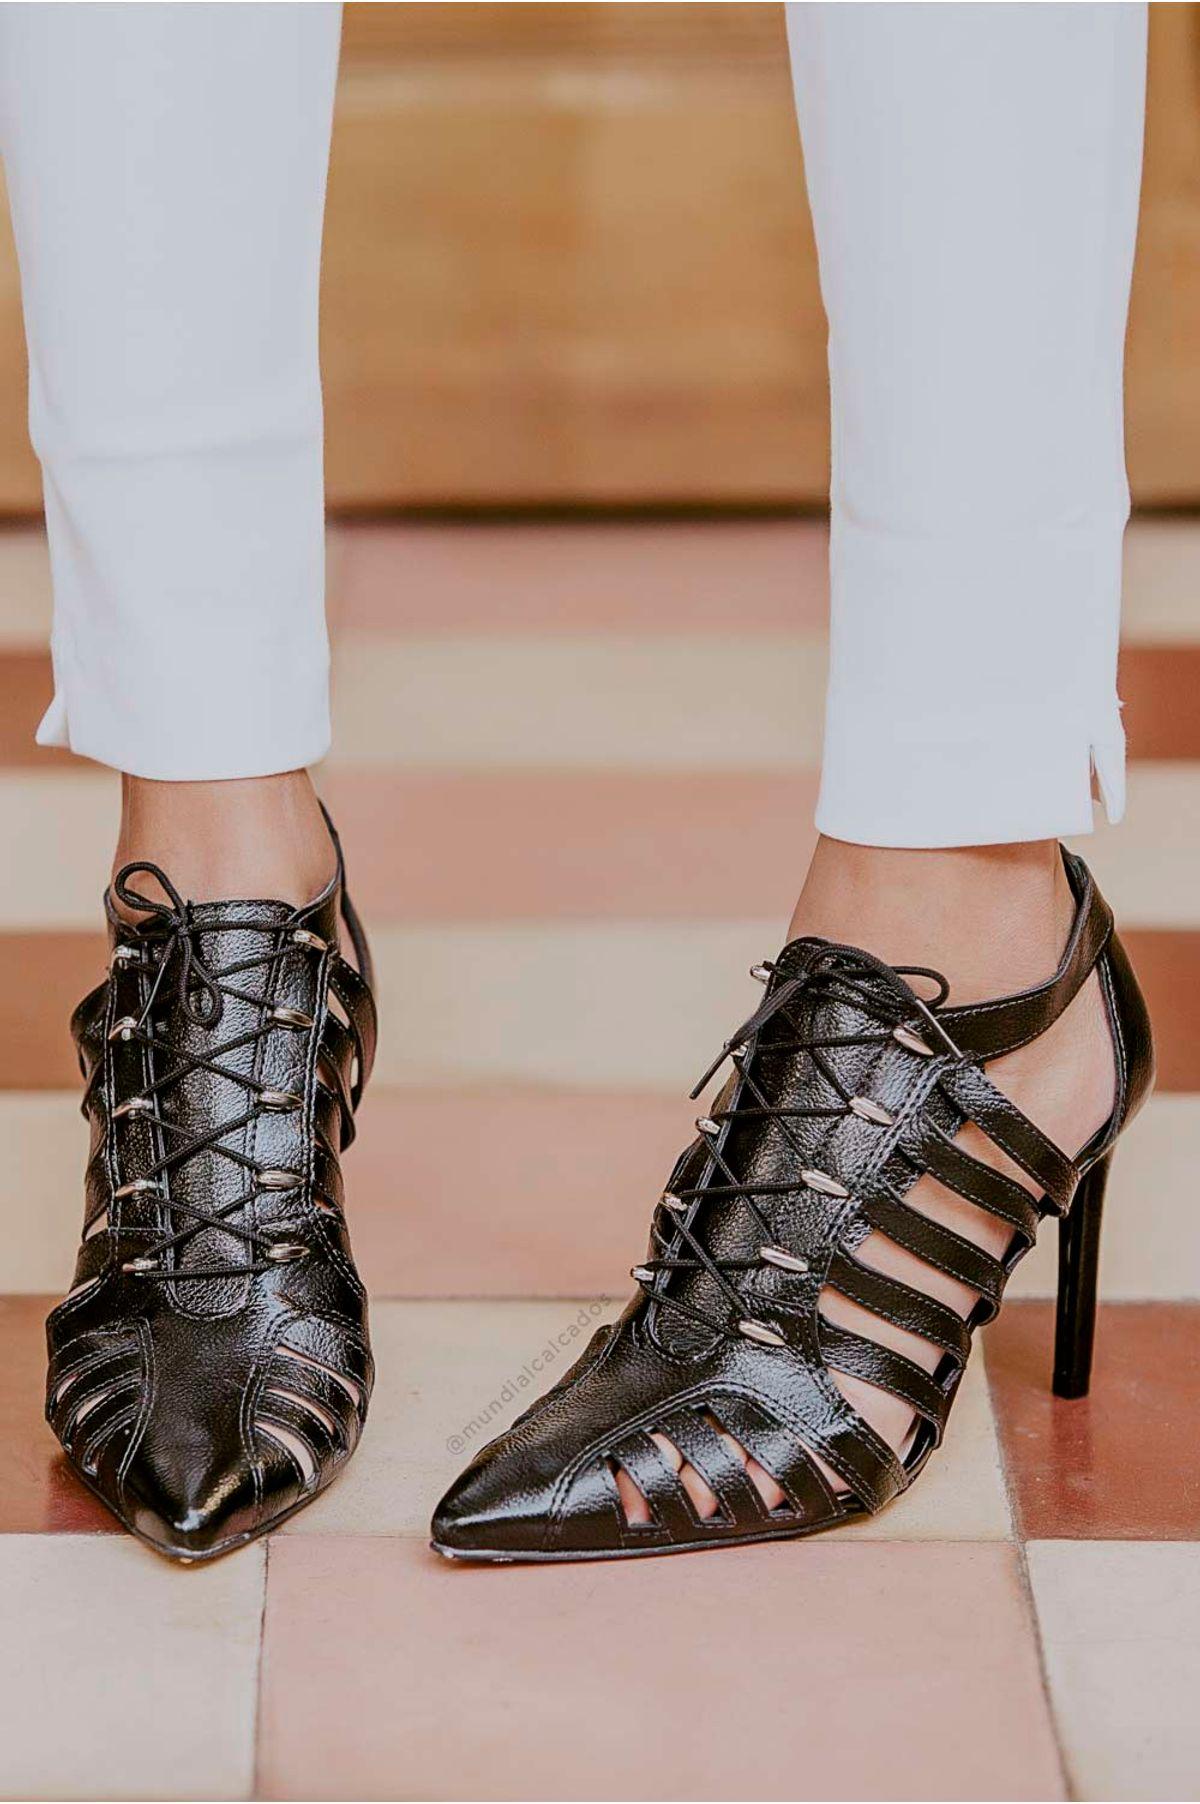 606f41be0 Sapato Salto Alto Shain Tanara SINT - PRETO - Mundial Calçados